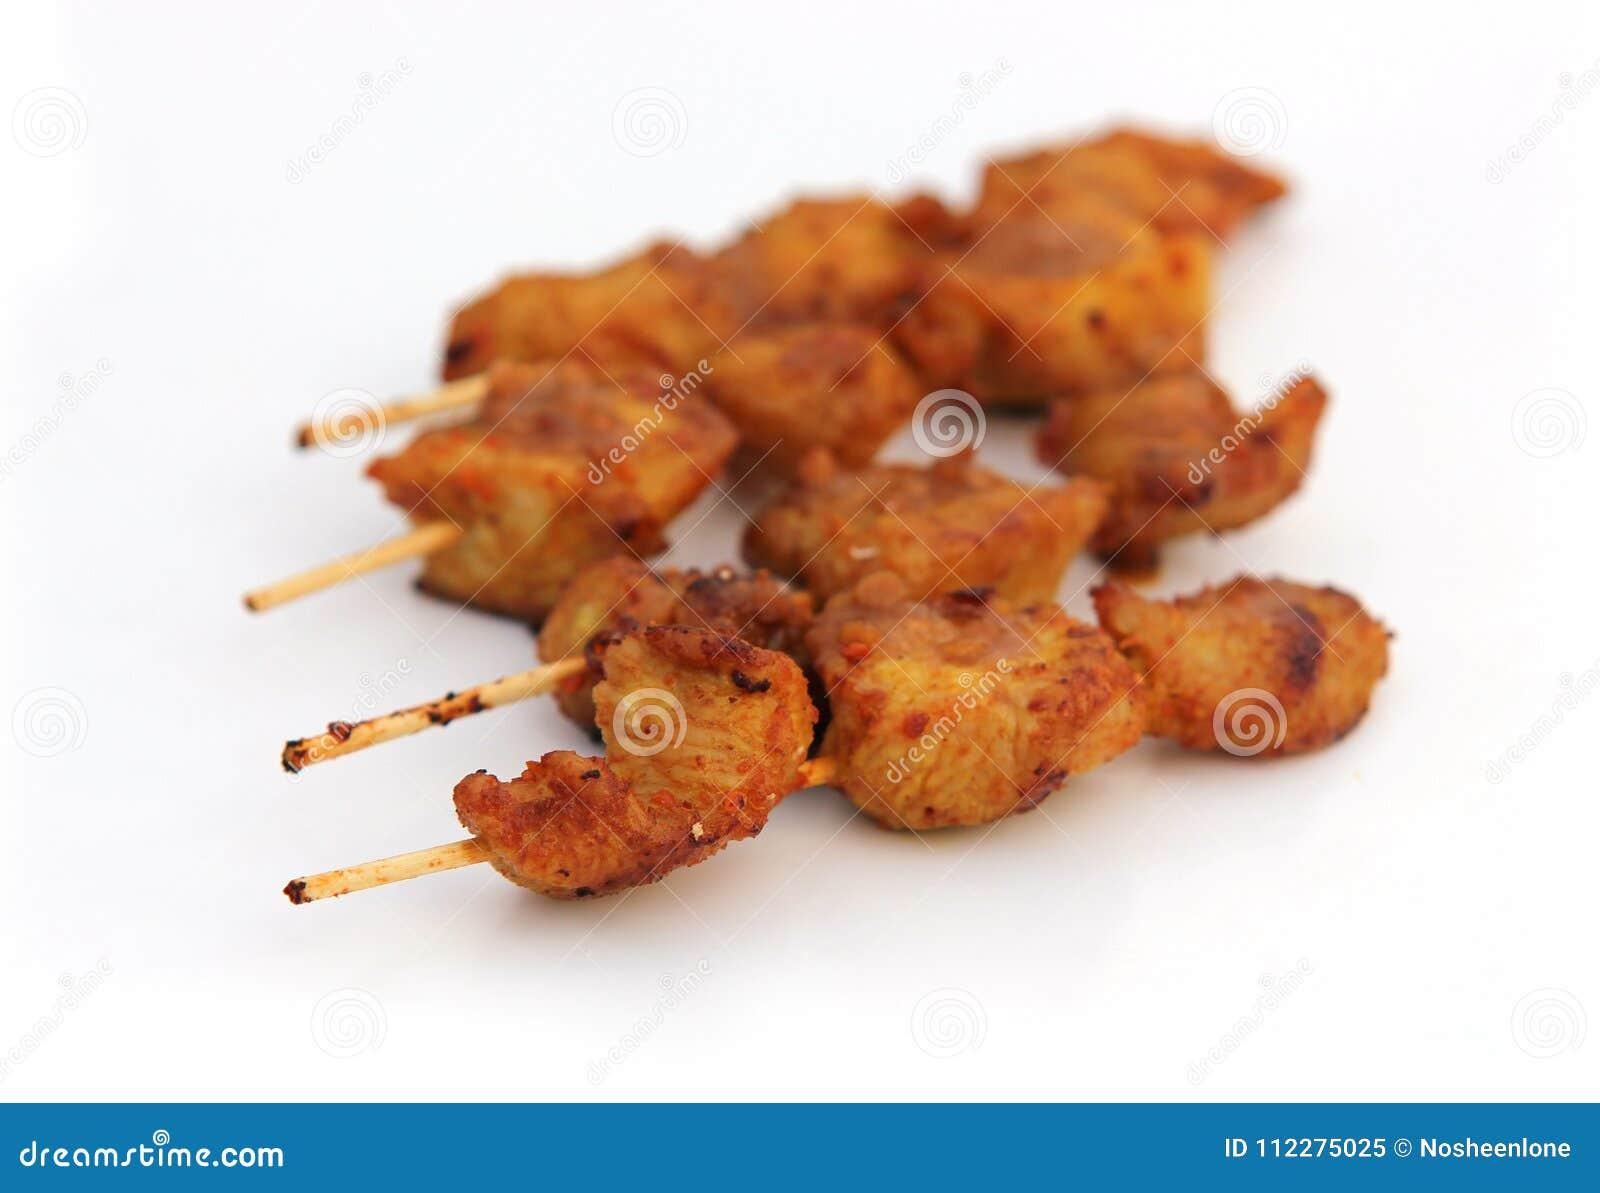 No espeto quente e picante da galinha